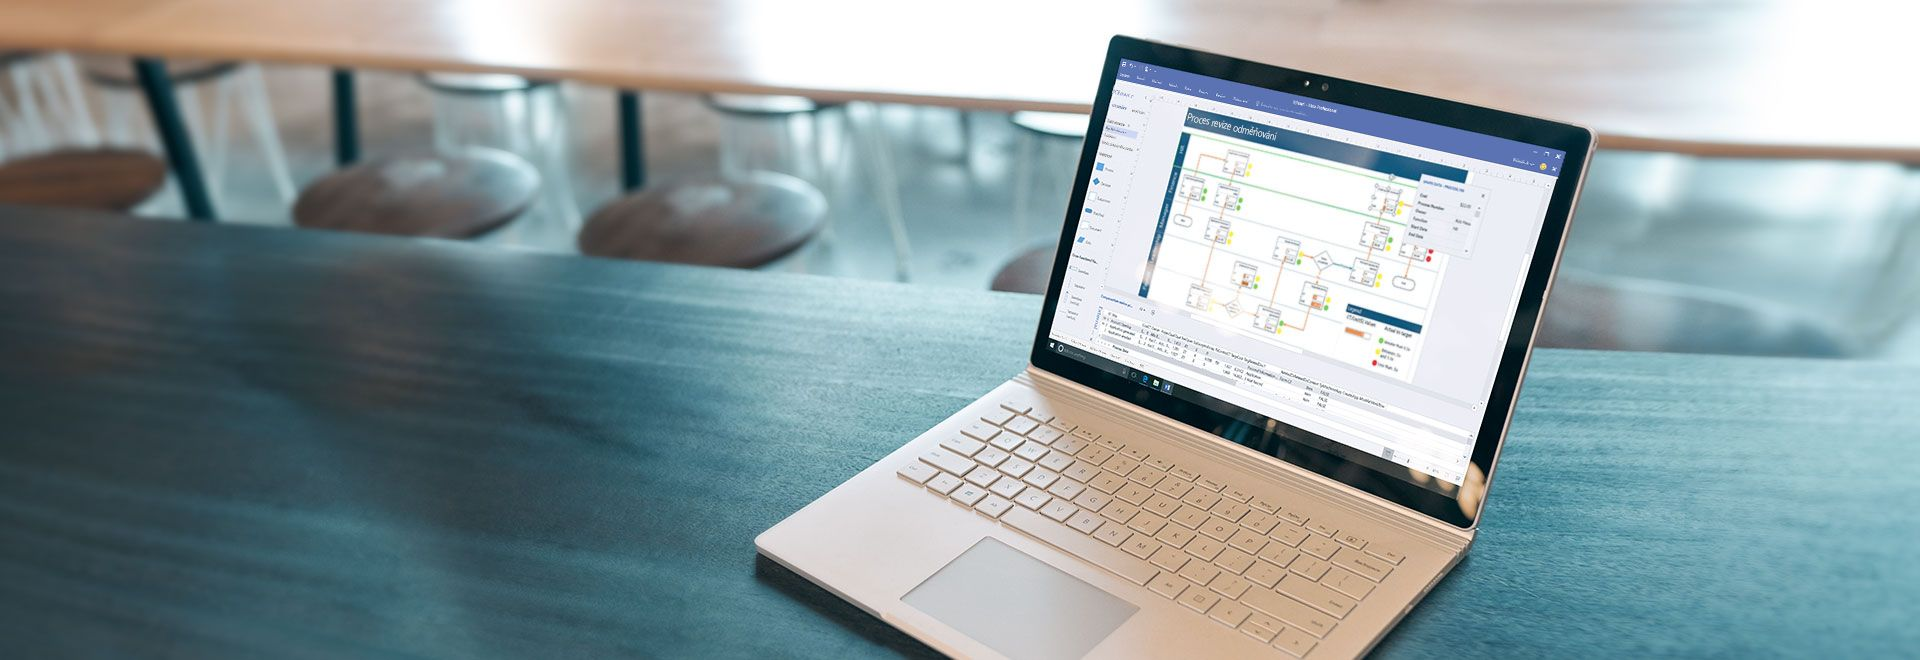 Notebook, který zobrazuje procesní diagram pracovního postupu ve Visiu Online – plánu 2